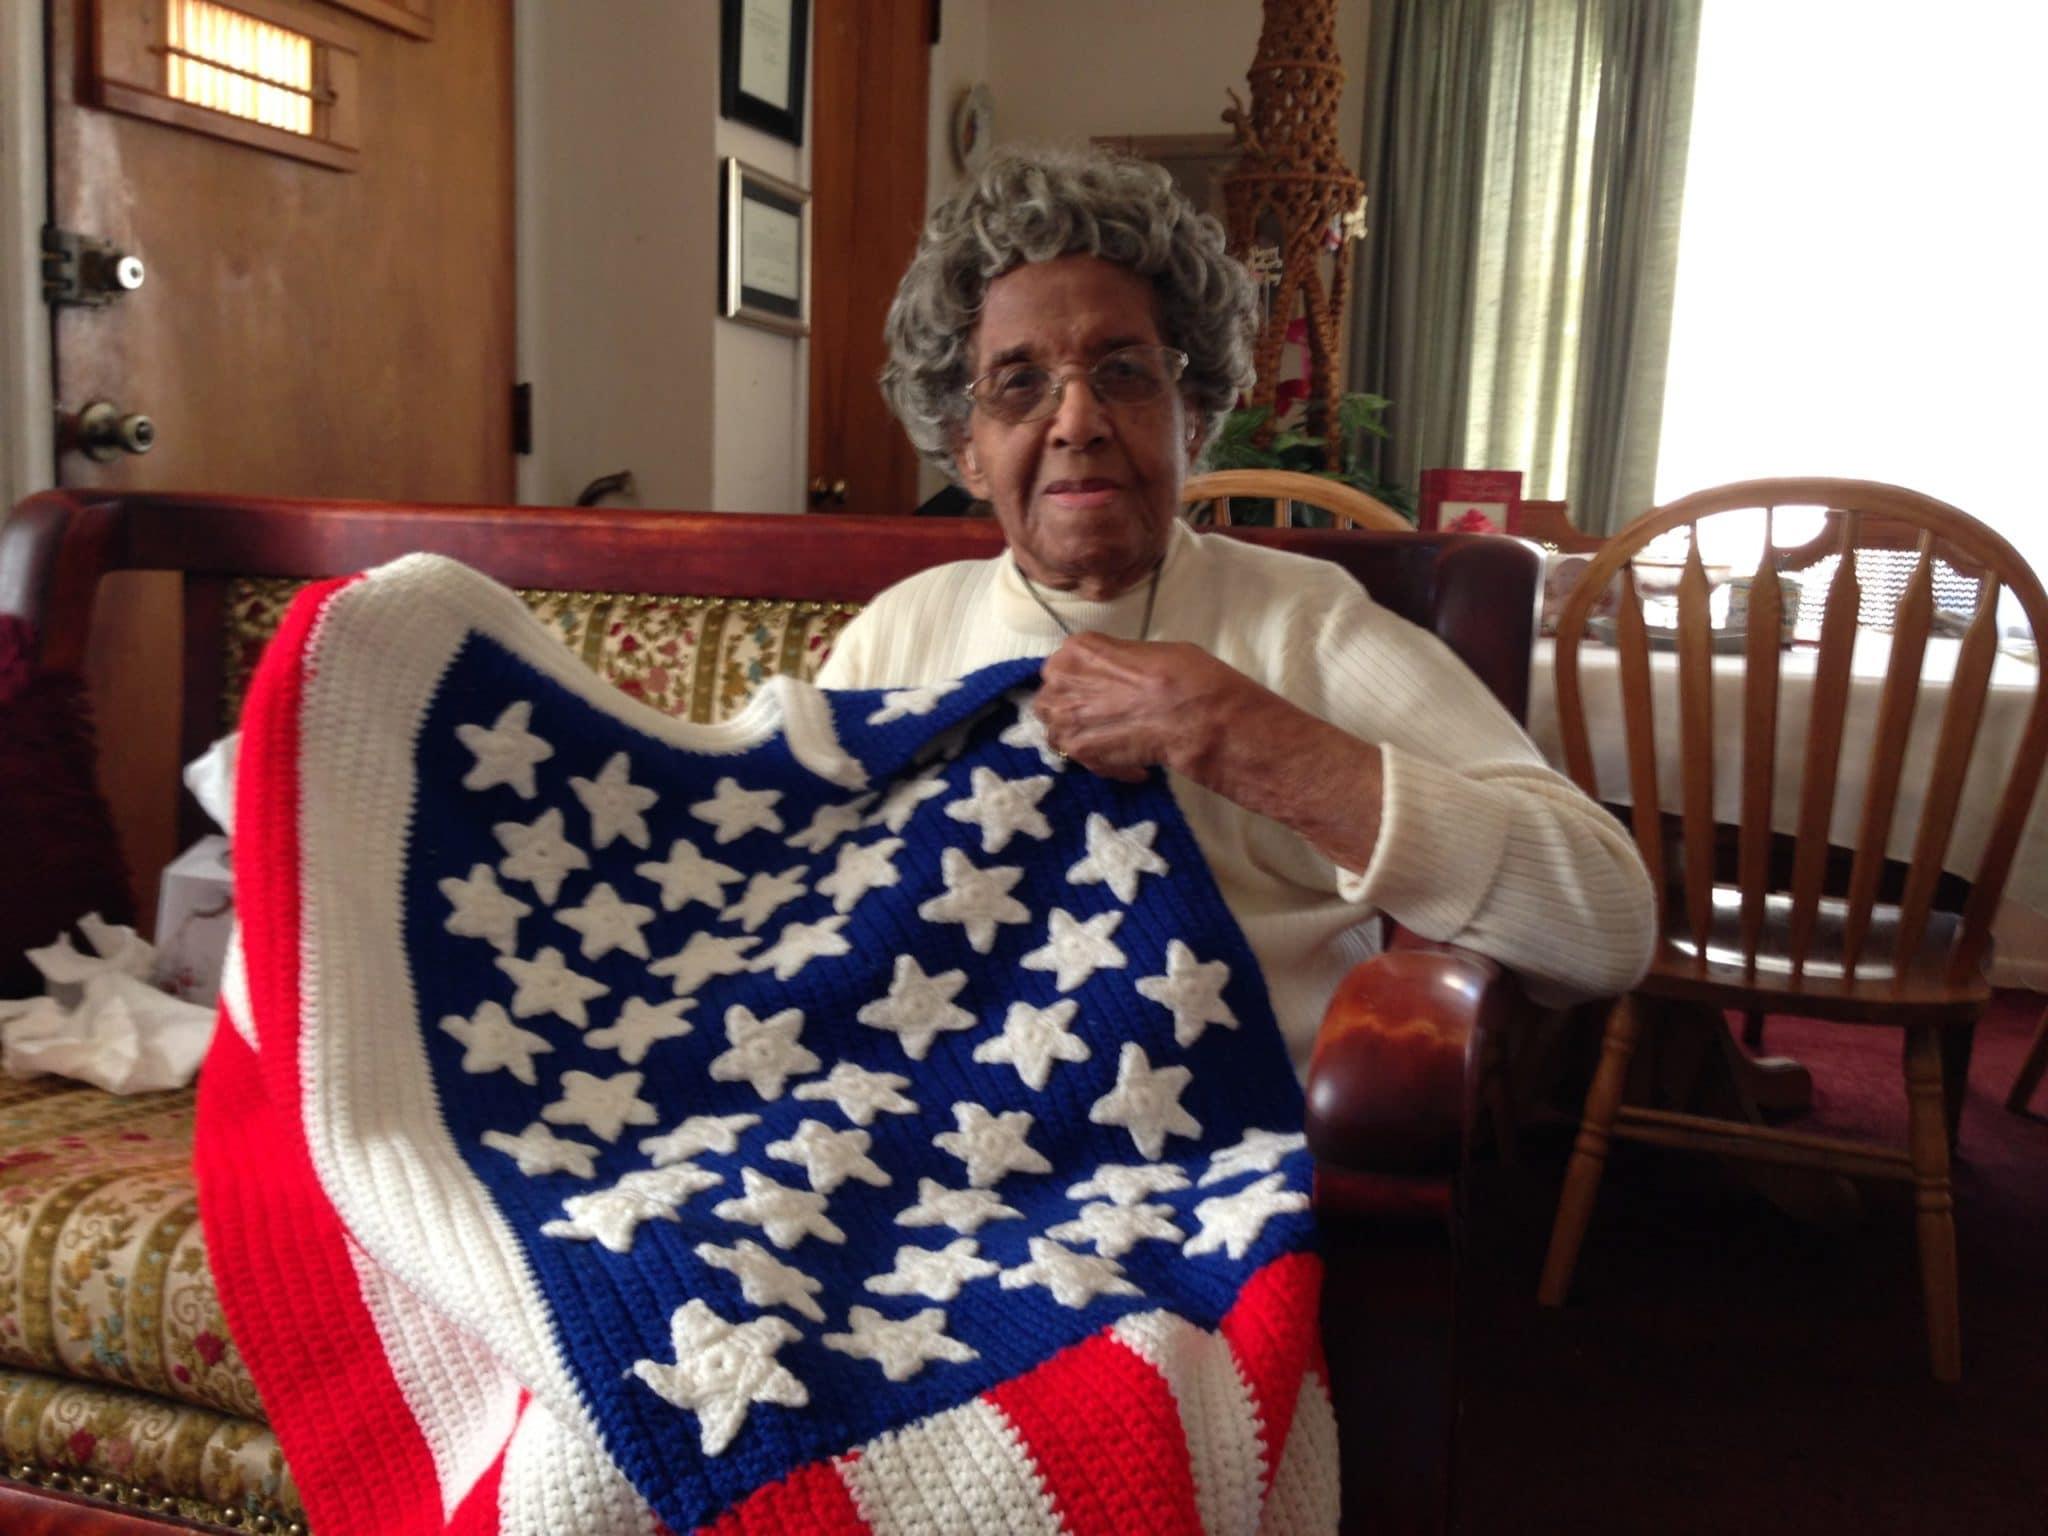 105-year-old Bernice